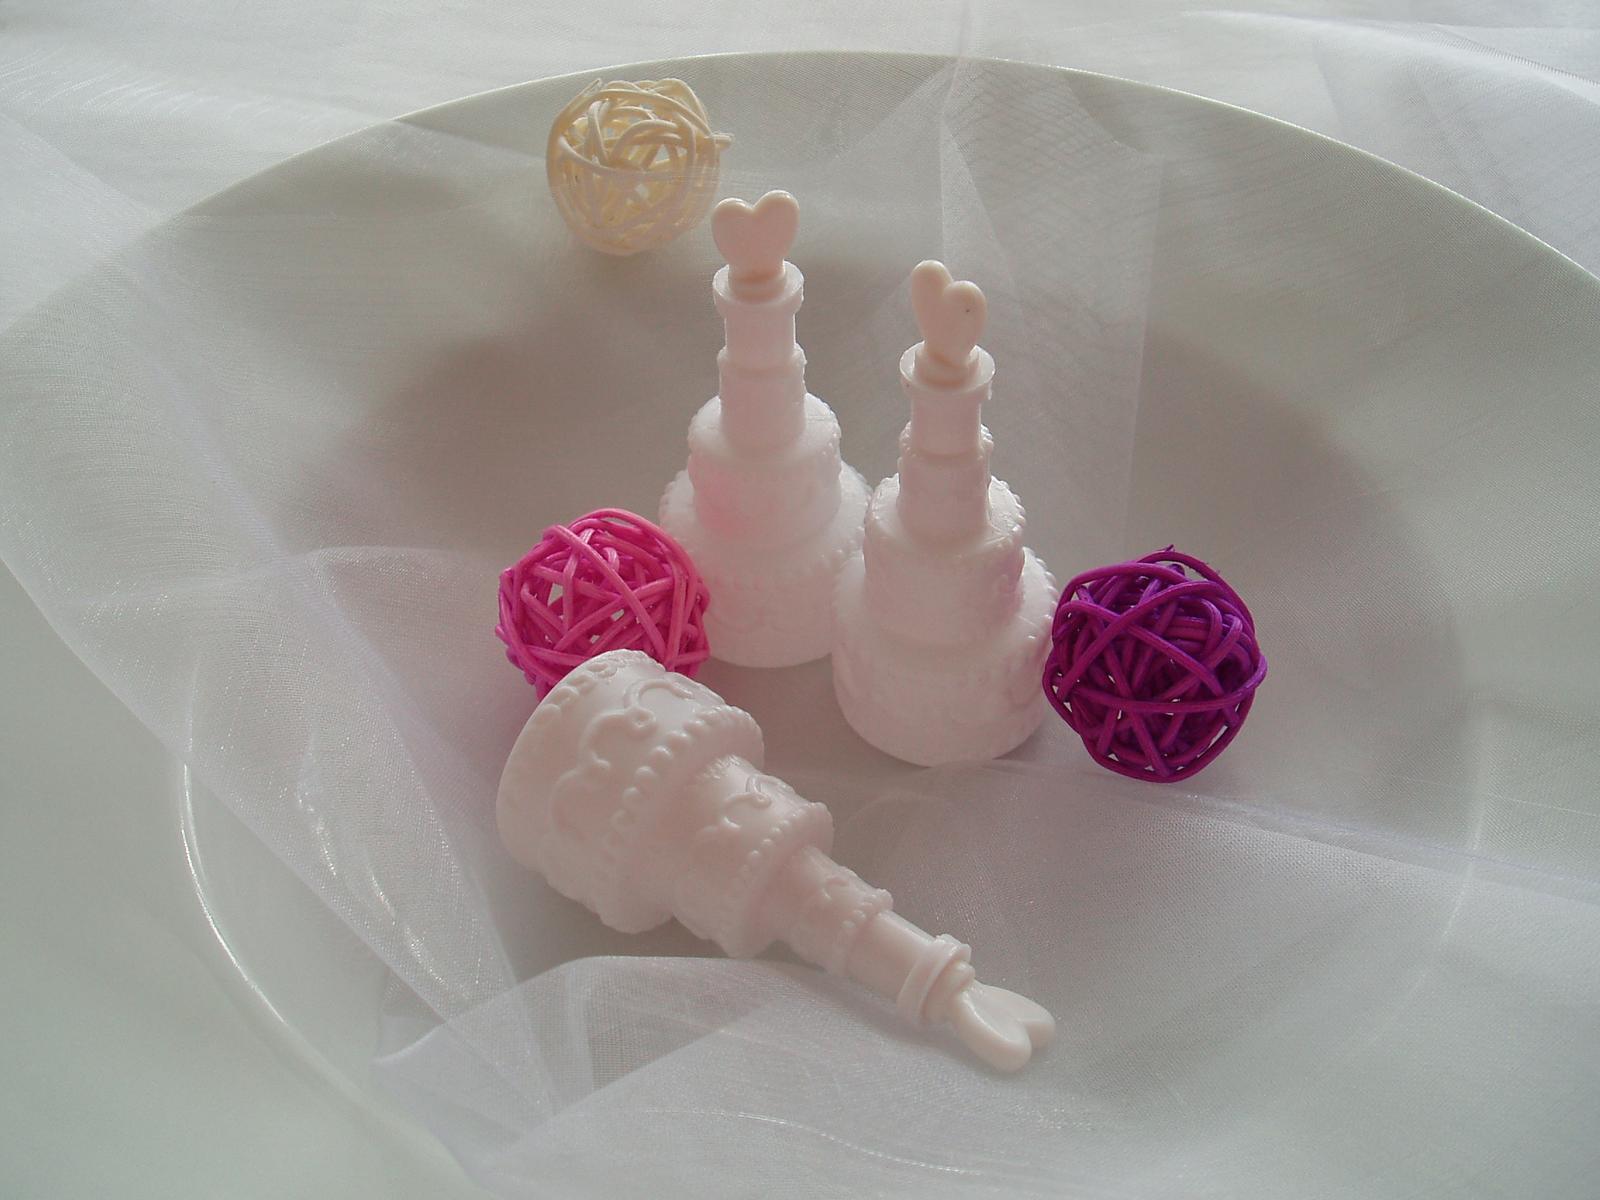 svatební bublifuk-dort - Obrázek č. 1